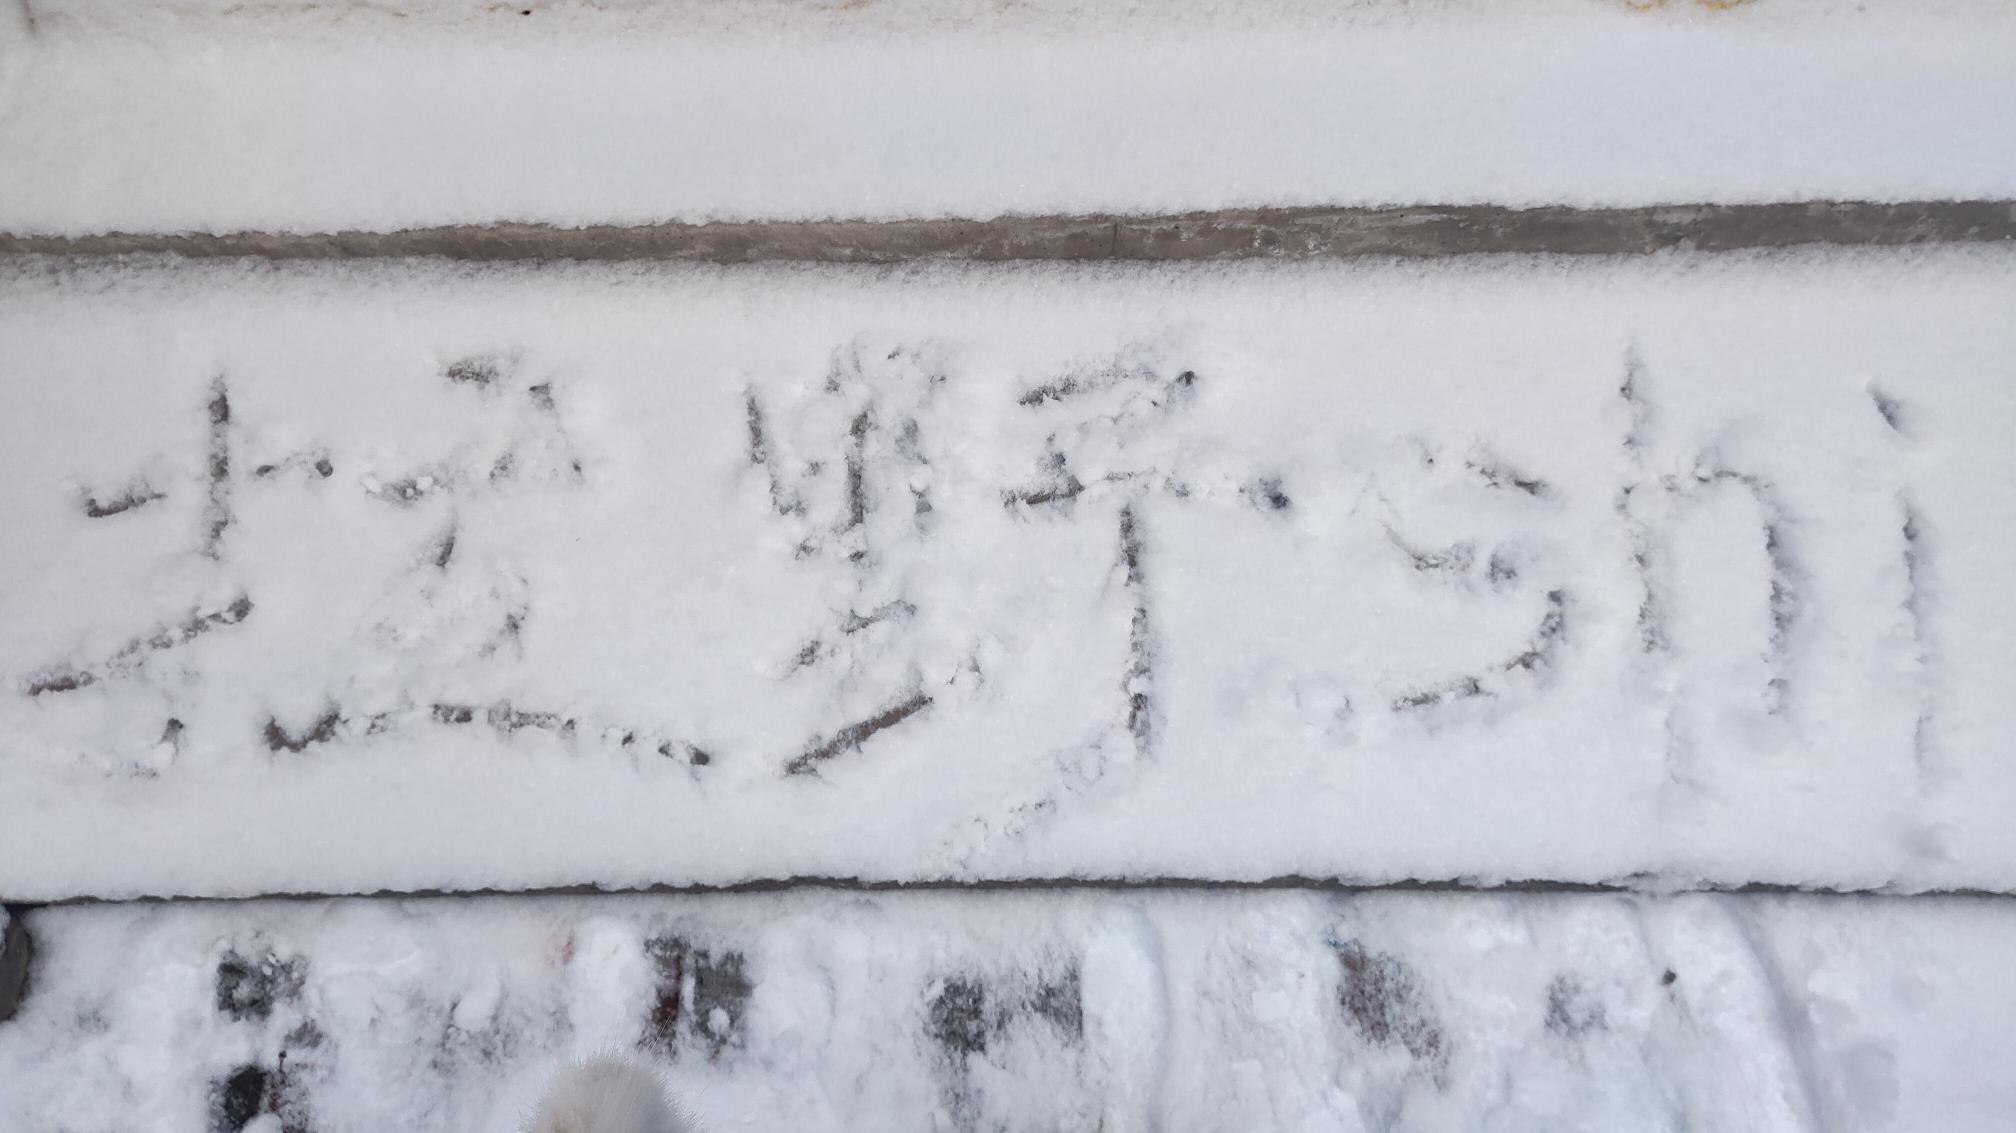 【拉野shi】或许这就是雪中美女吧。